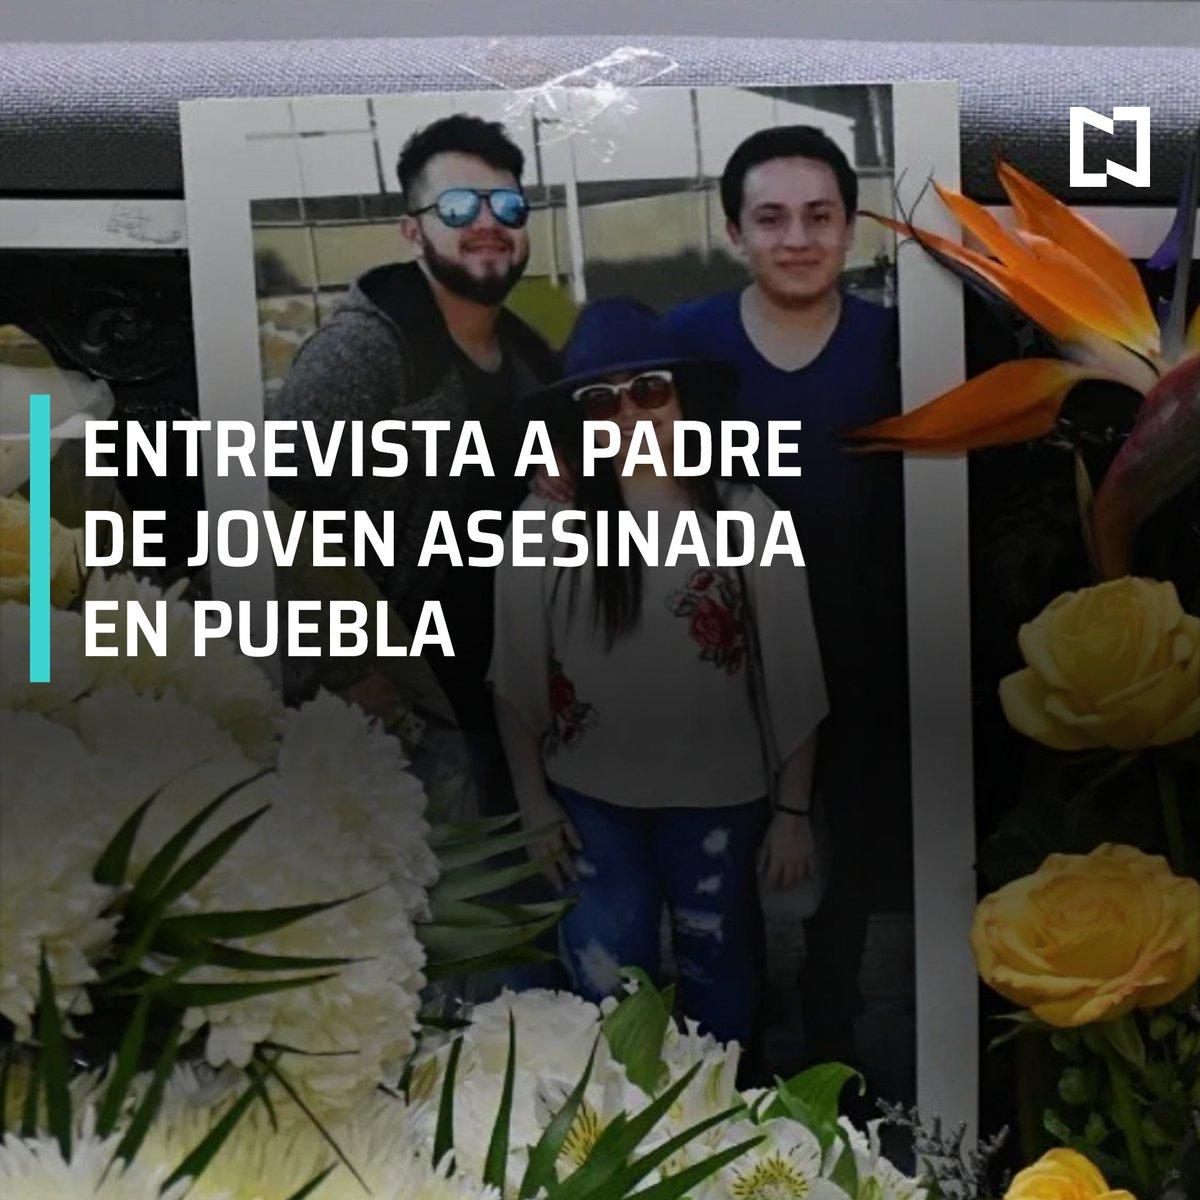 Asesinato de jóvenes en Puebla: ¿Cómo avanza la investigación?Platicamos con Jorge Quijano, padre de una de las víctimas. #Despierta con @daniellemx_ y @campossuarez